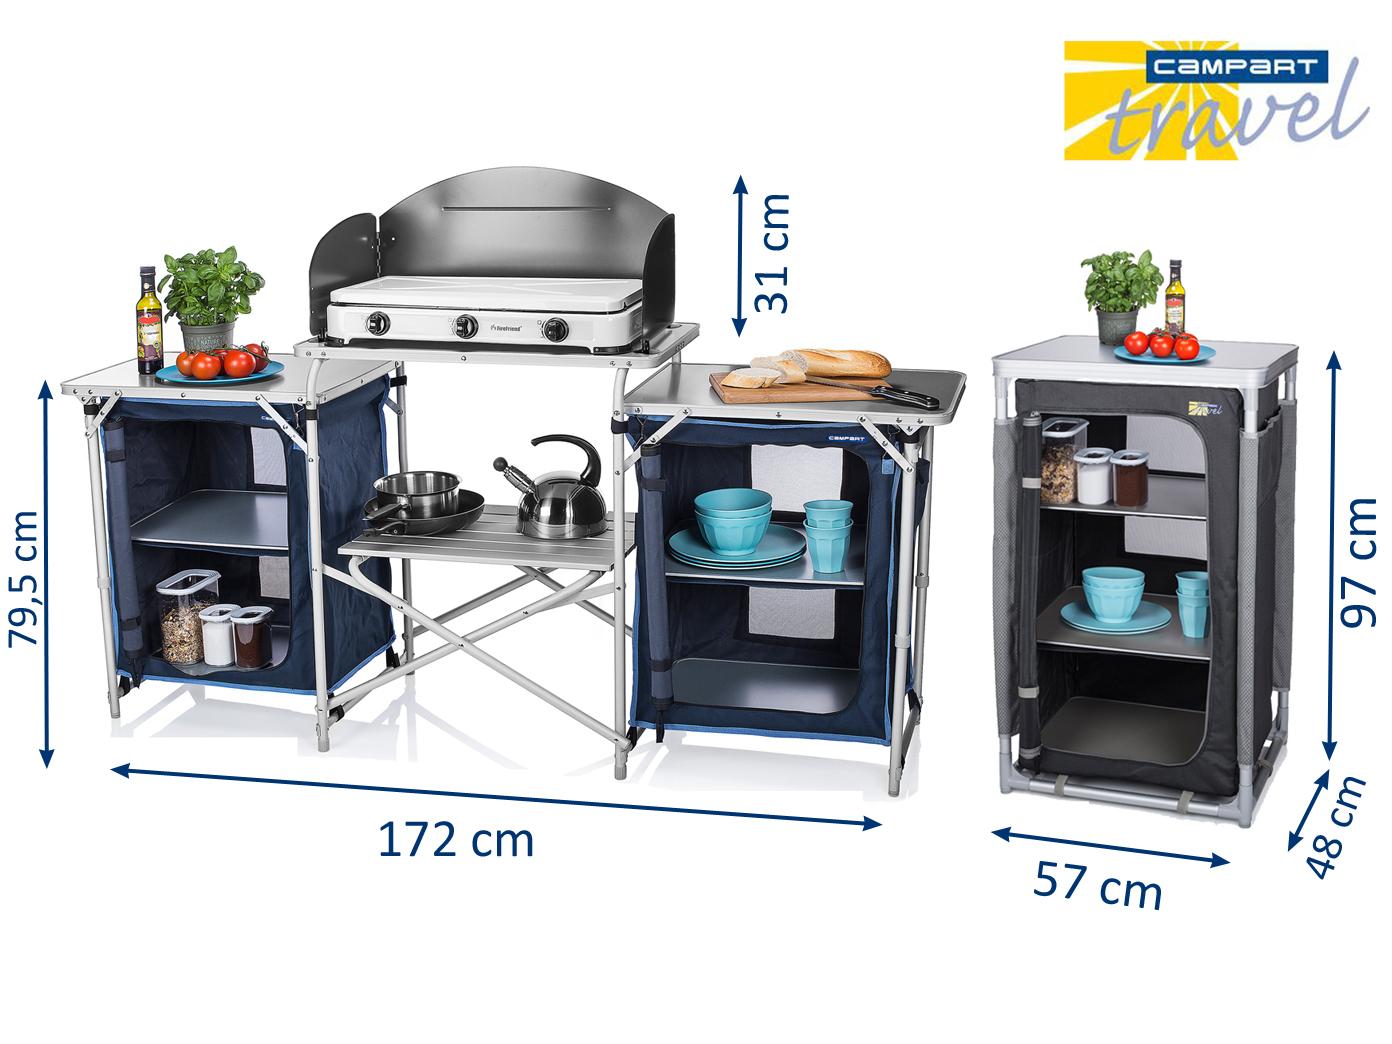 Outdoorküche Kinder Xxl : Xxl campingküche campingschrank faltbar outdoor kochen